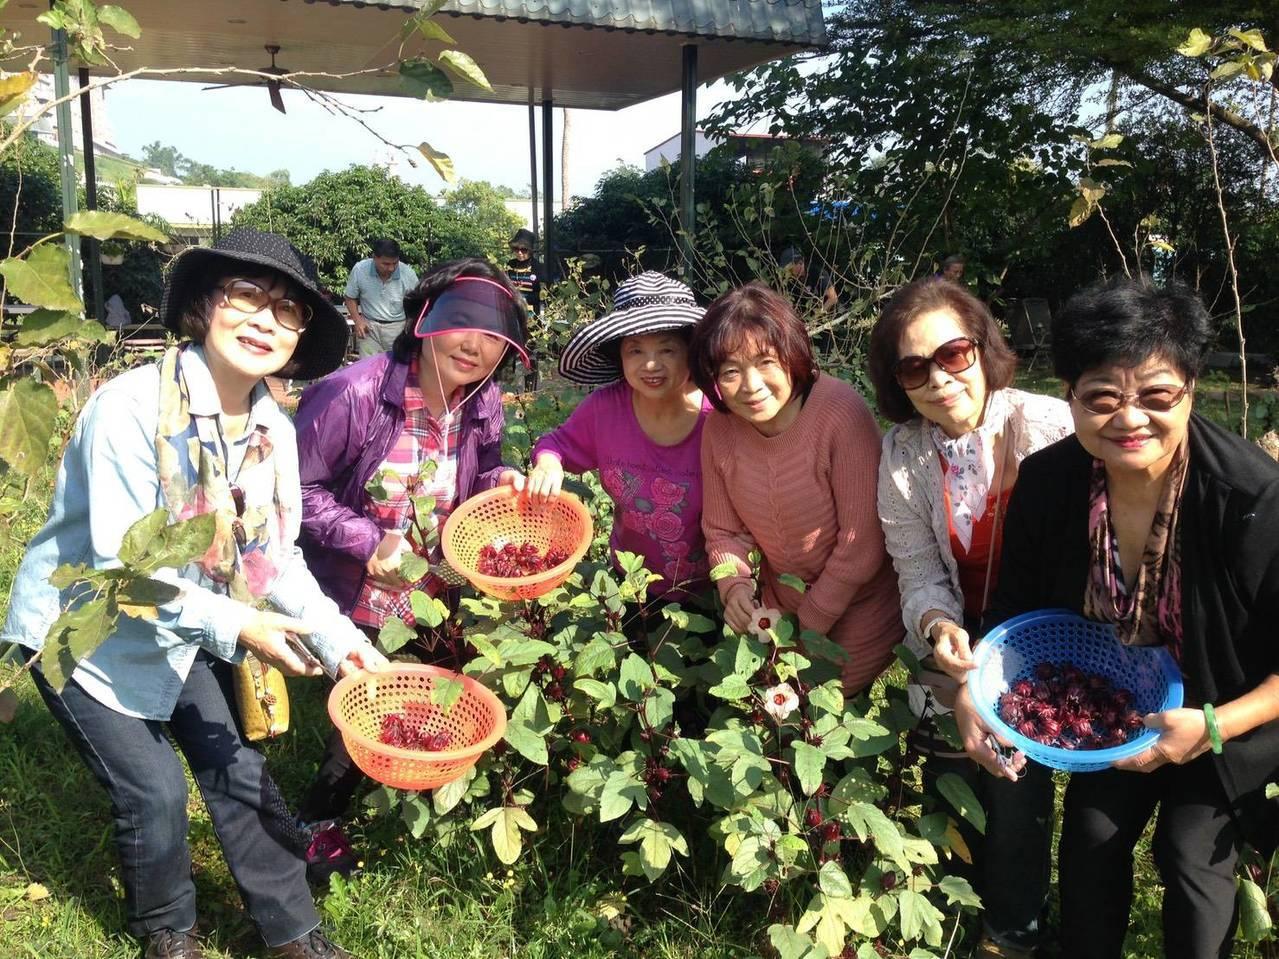 許多人愛到農村體驗田園生活。 圖/高雄市農業局提供